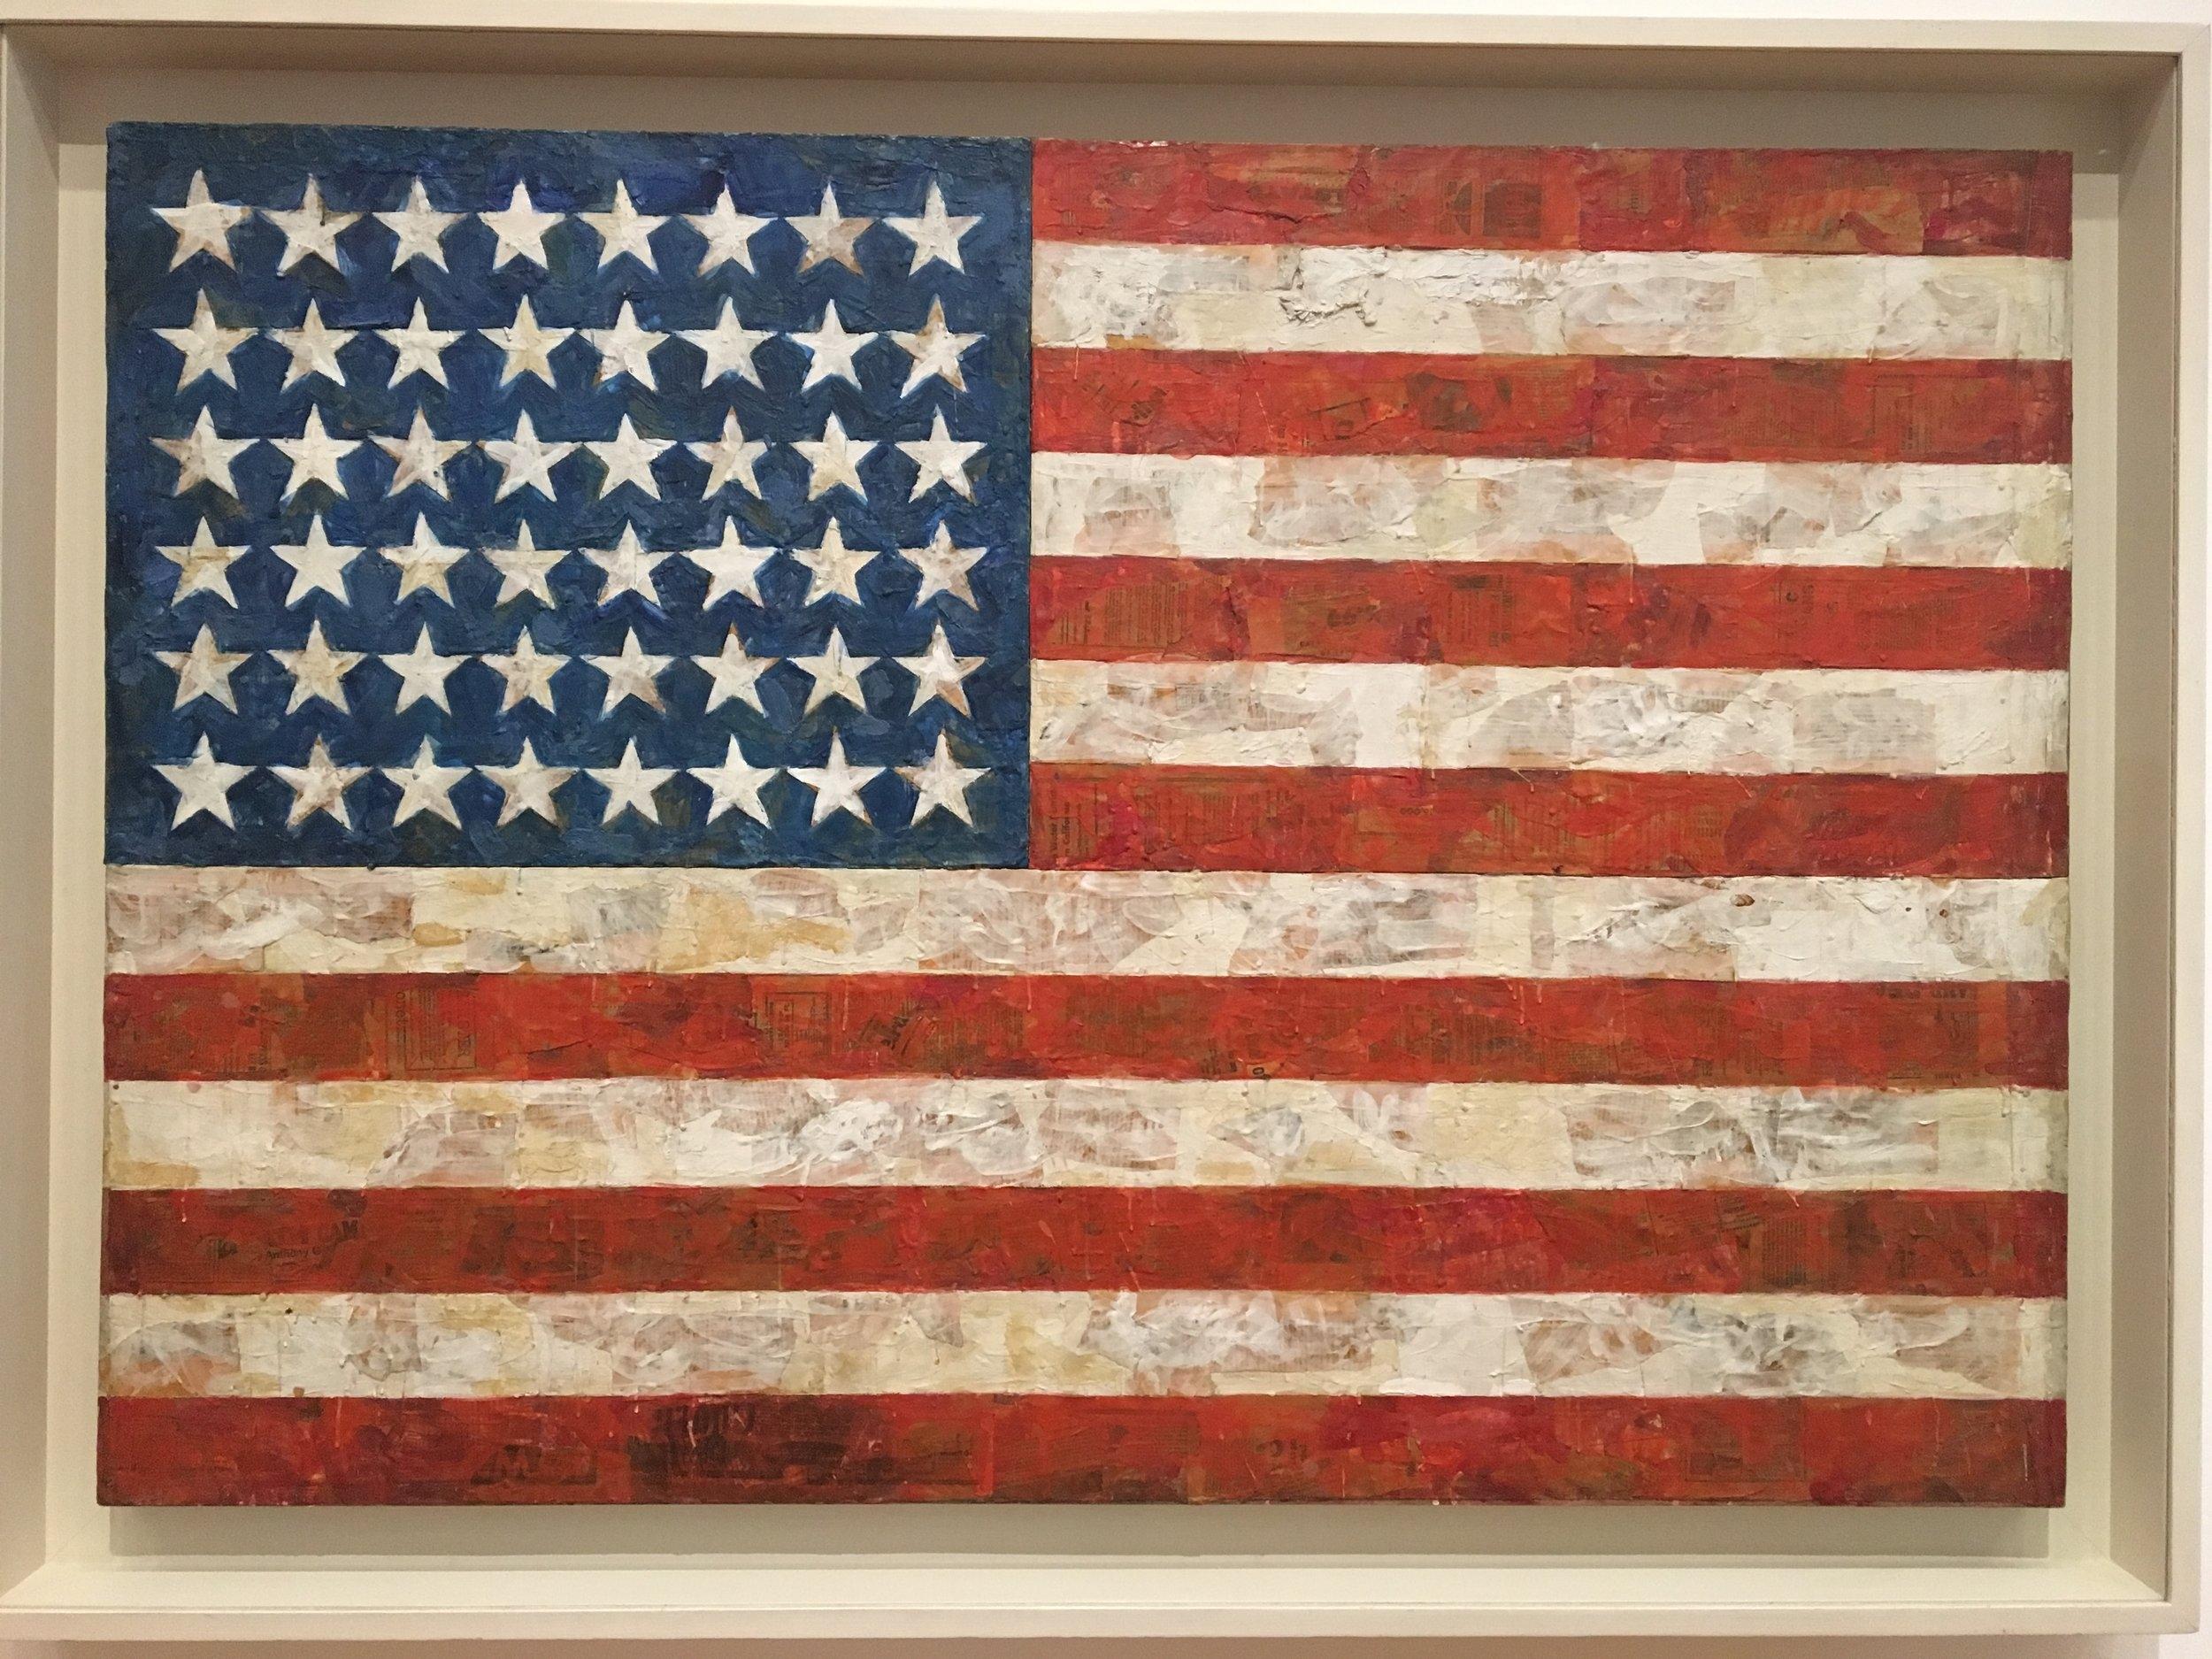 Jasper Johns, Flag - 1954-55, MoMA, NY